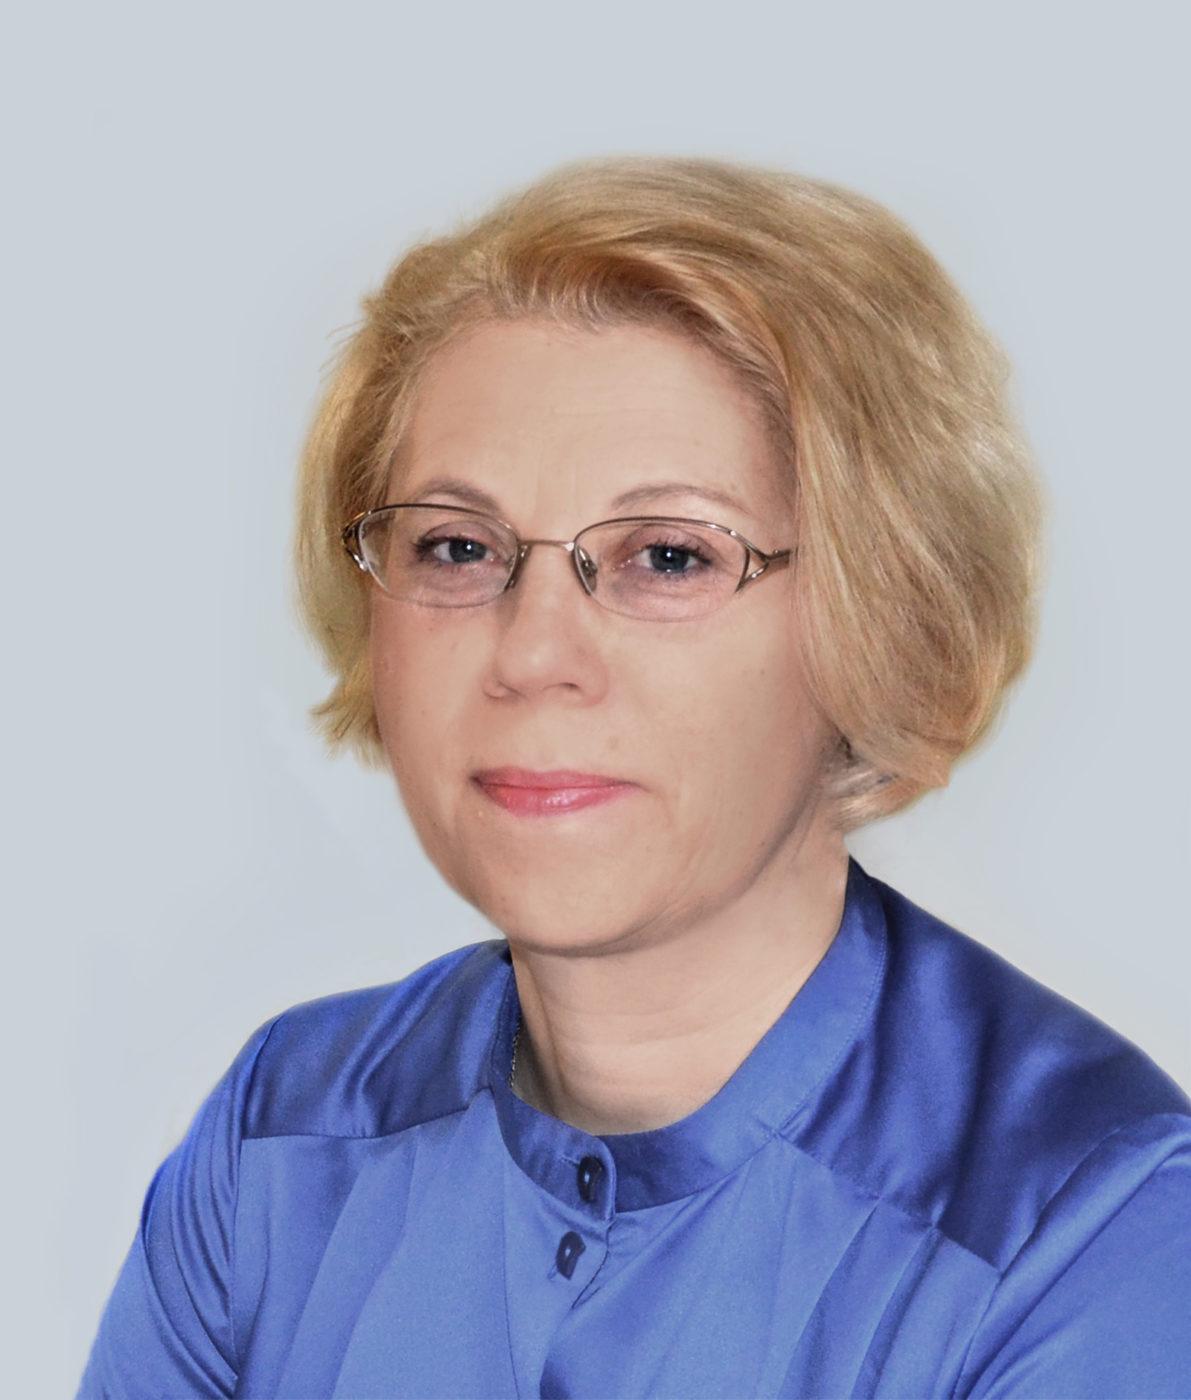 Сивкова  Ирина  Игоревна